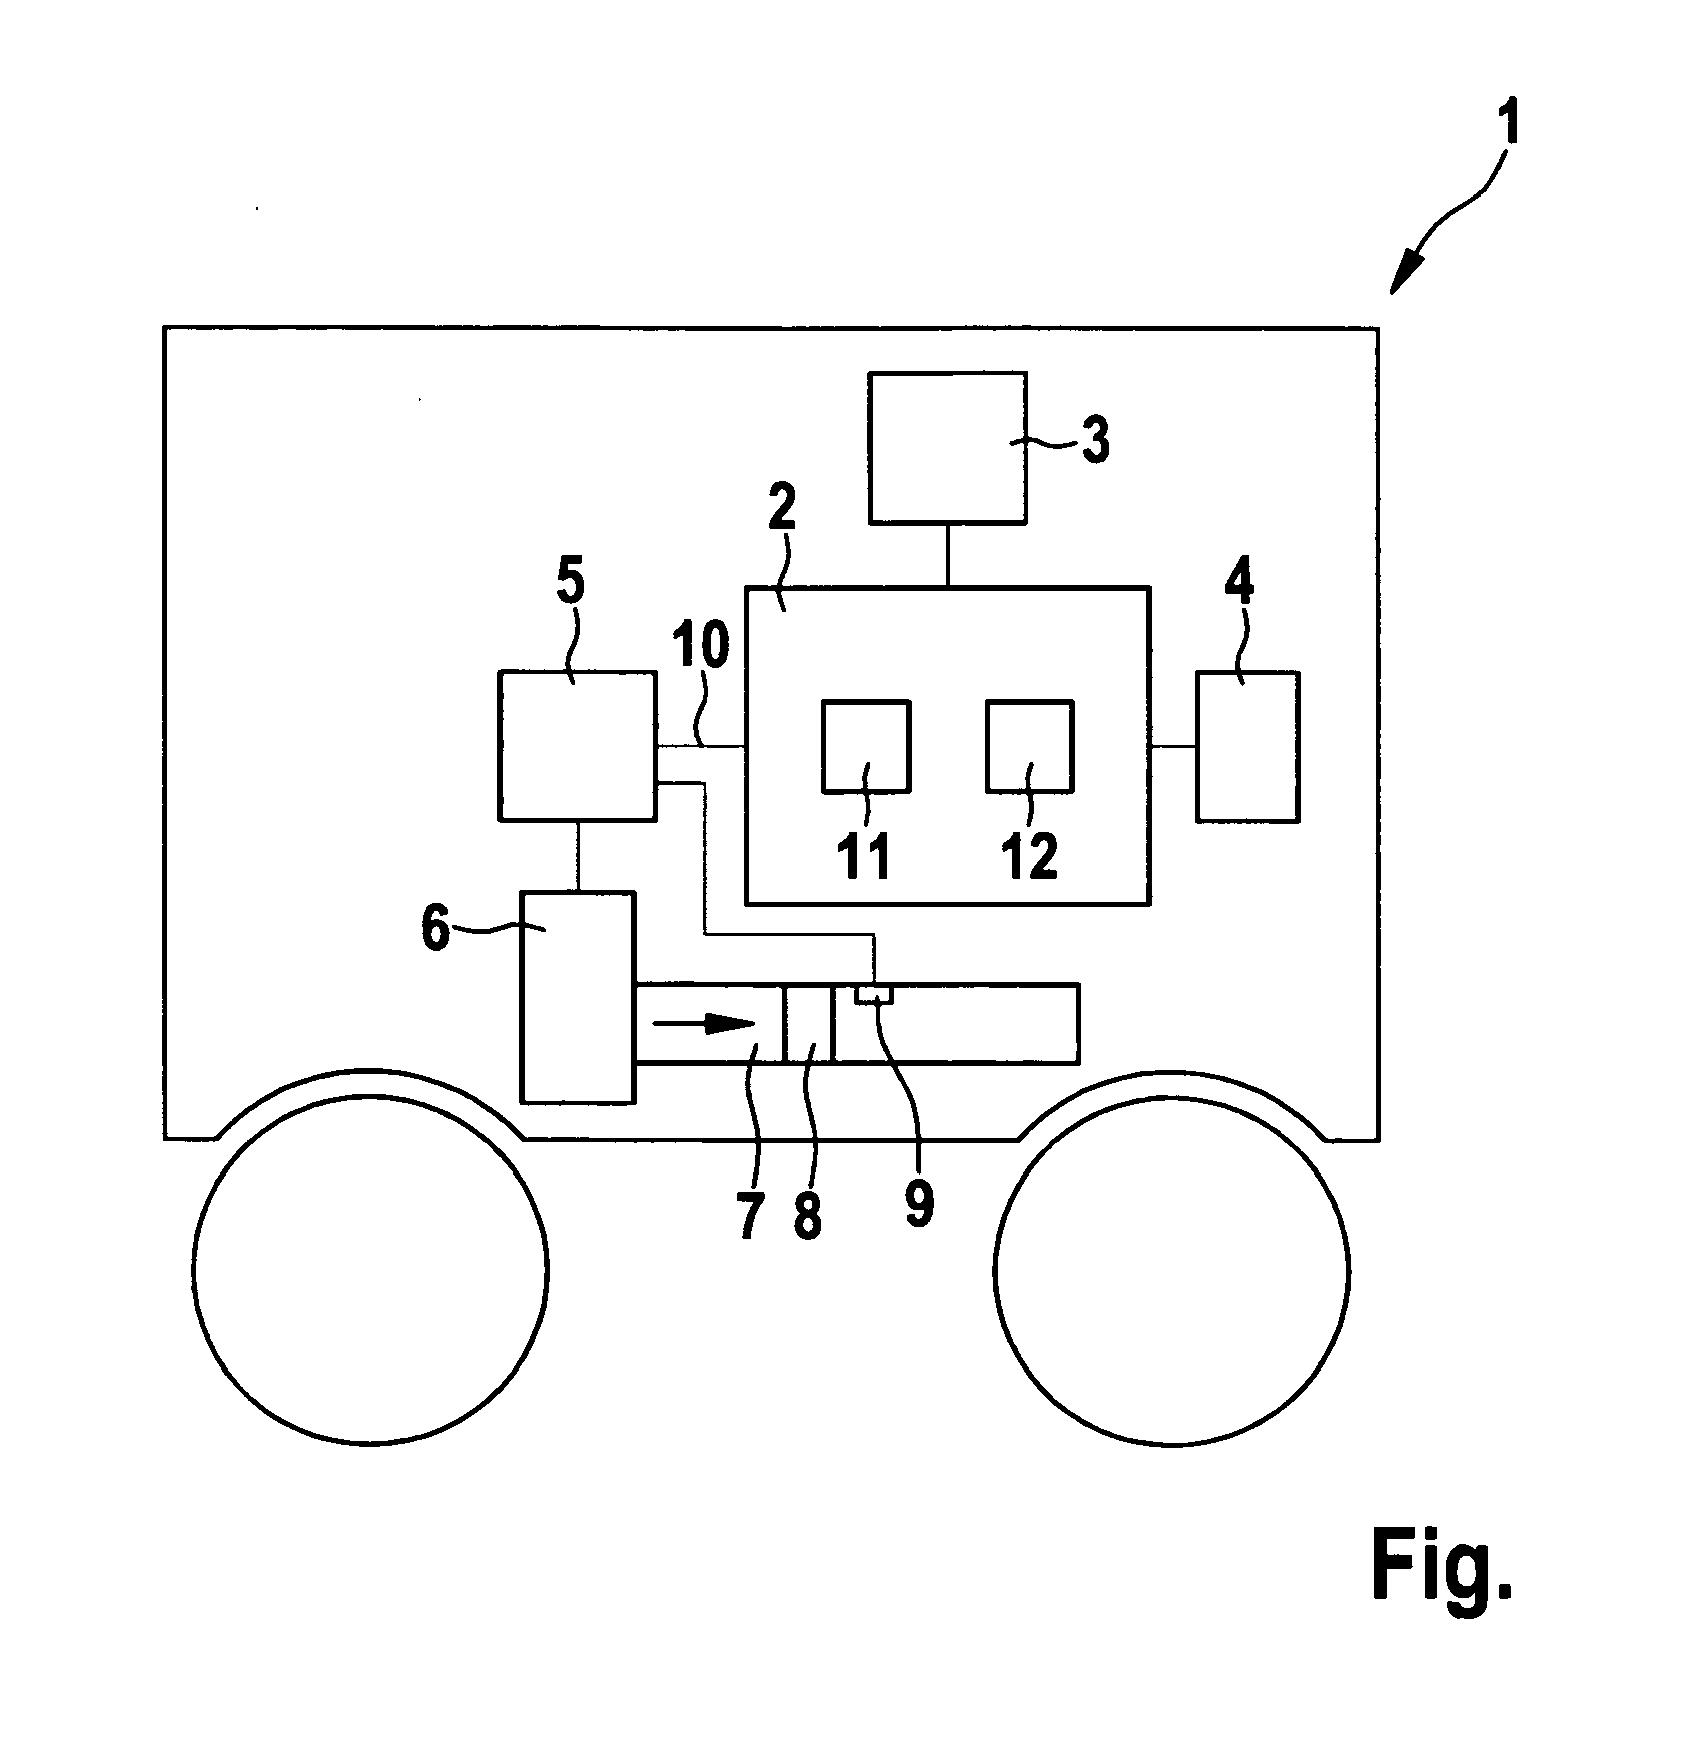 patent ep2157407b1 verfahren und vorrichtung zur. Black Bedroom Furniture Sets. Home Design Ideas